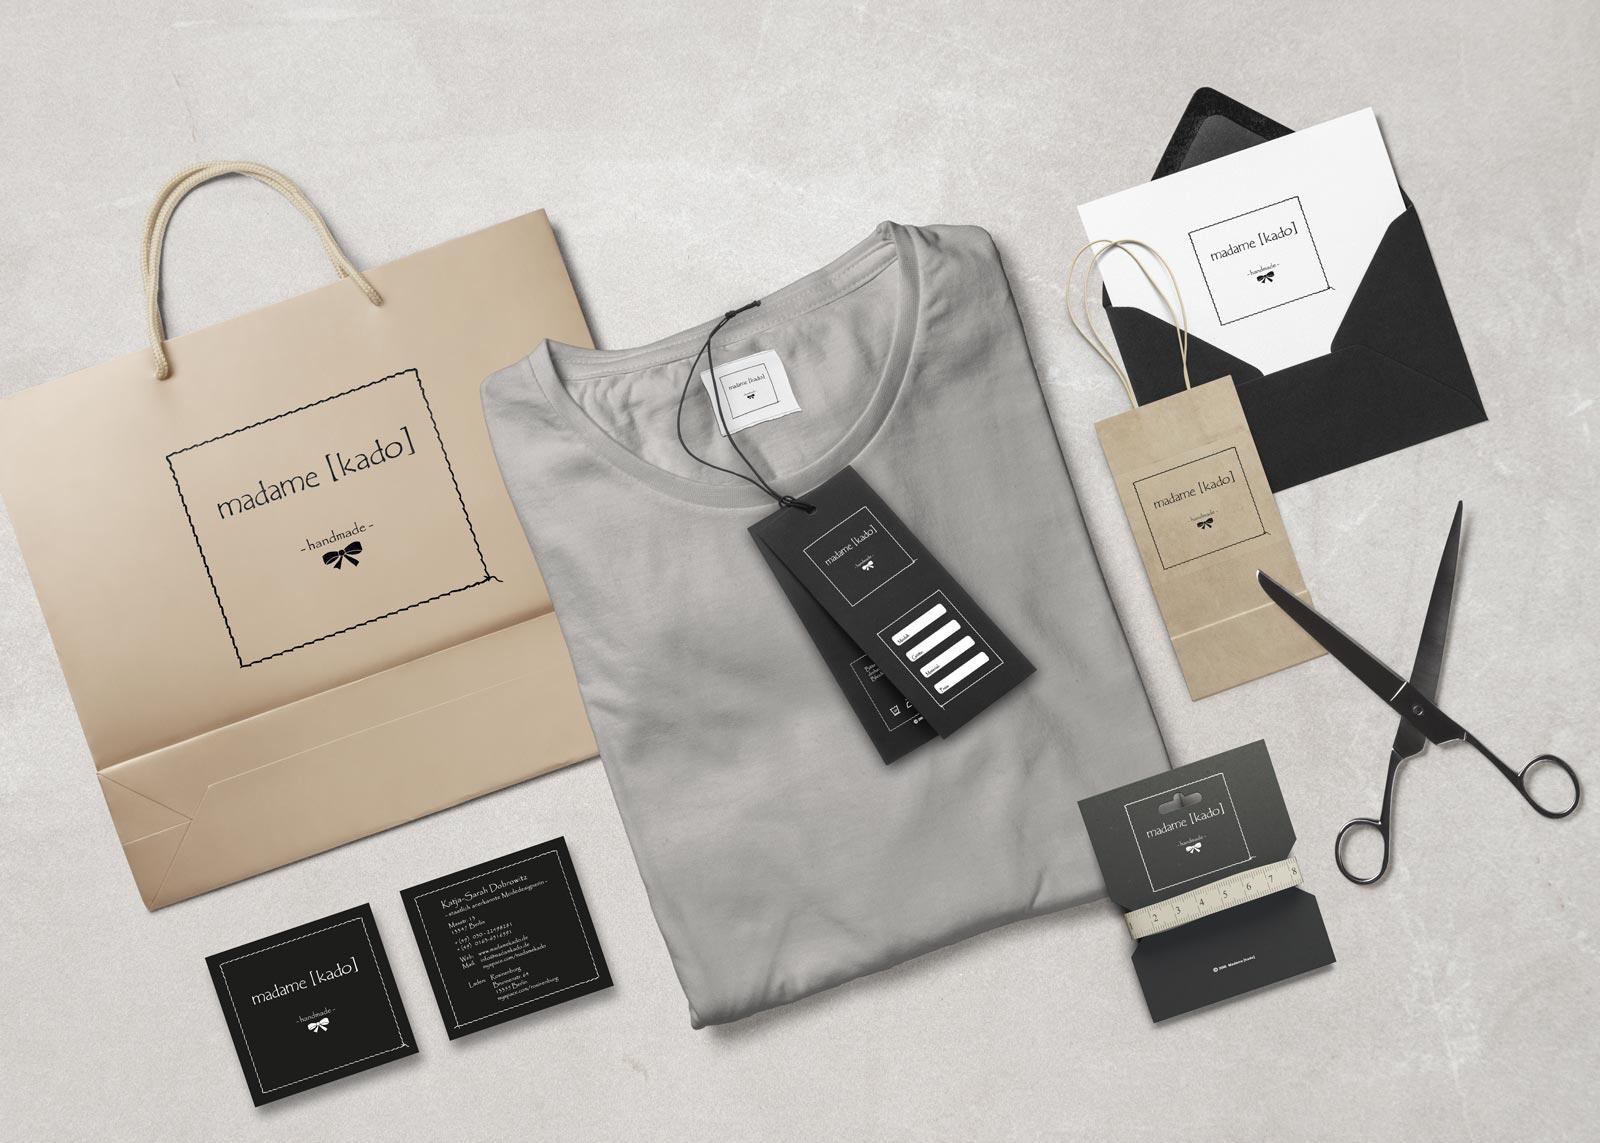 madame kado, Geschäftsausstattung, Stationary, Branding, Retail Design